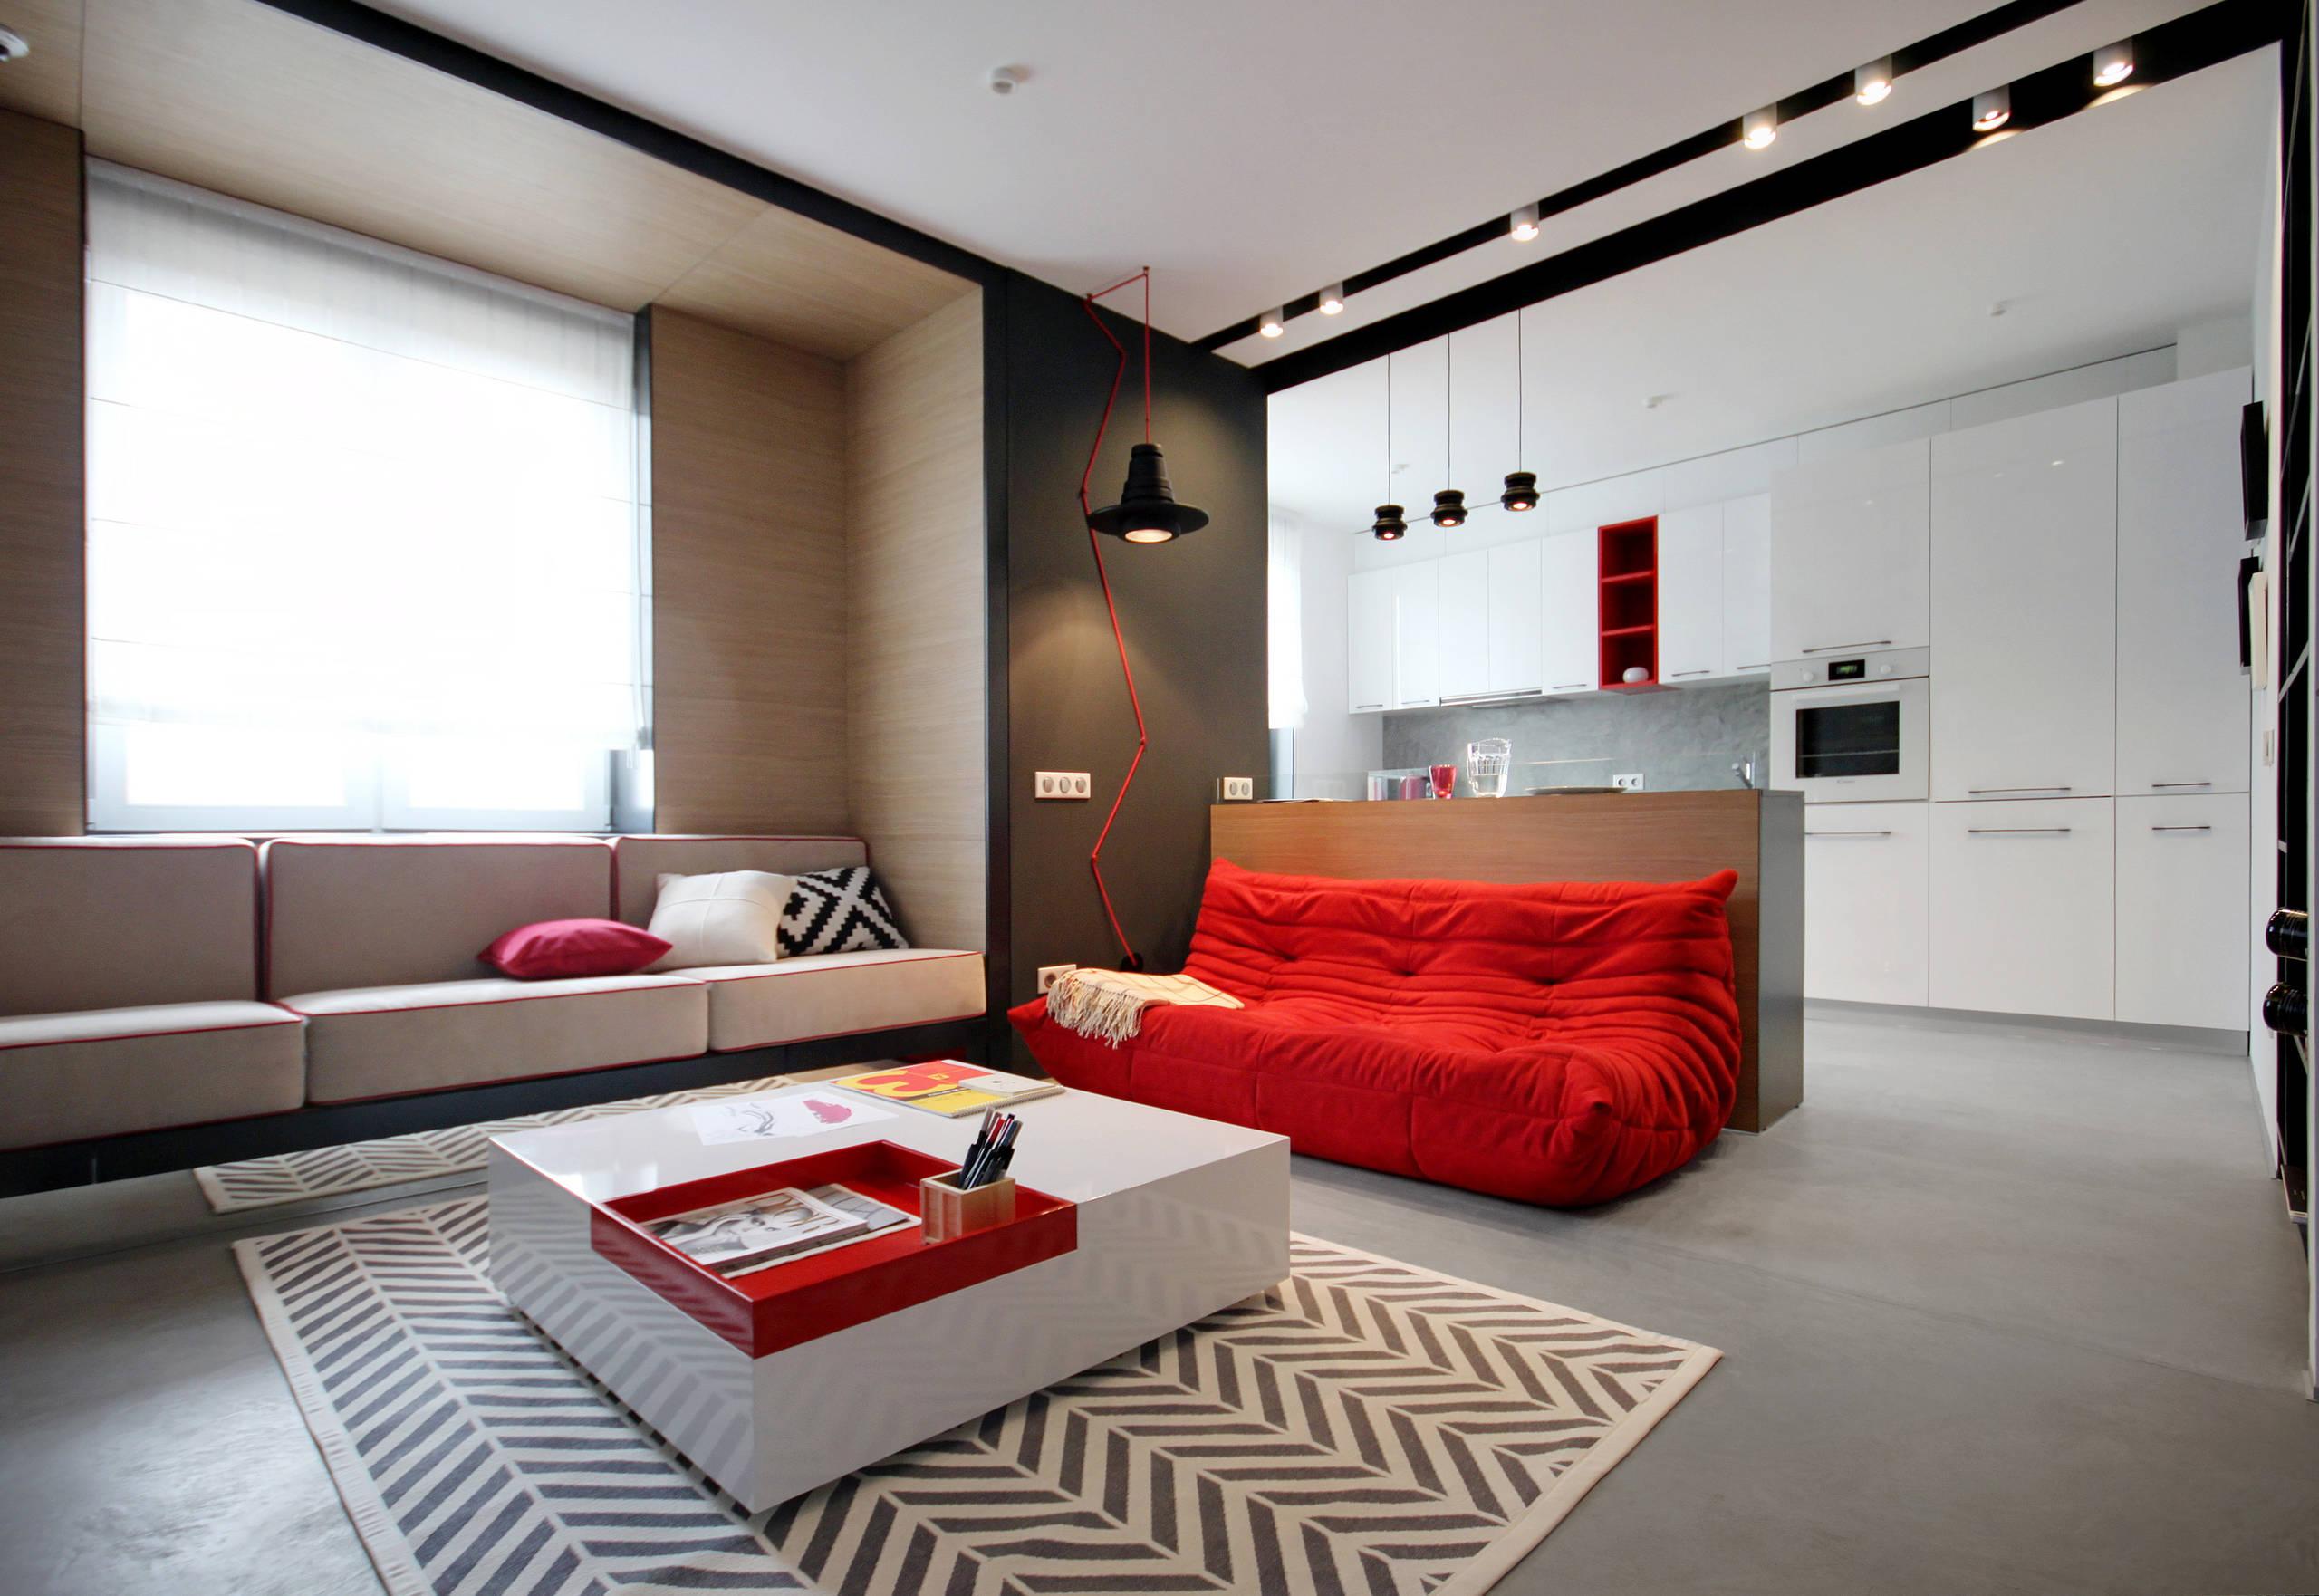 Архитектурное освещение — разнообразим дизайн квартиры